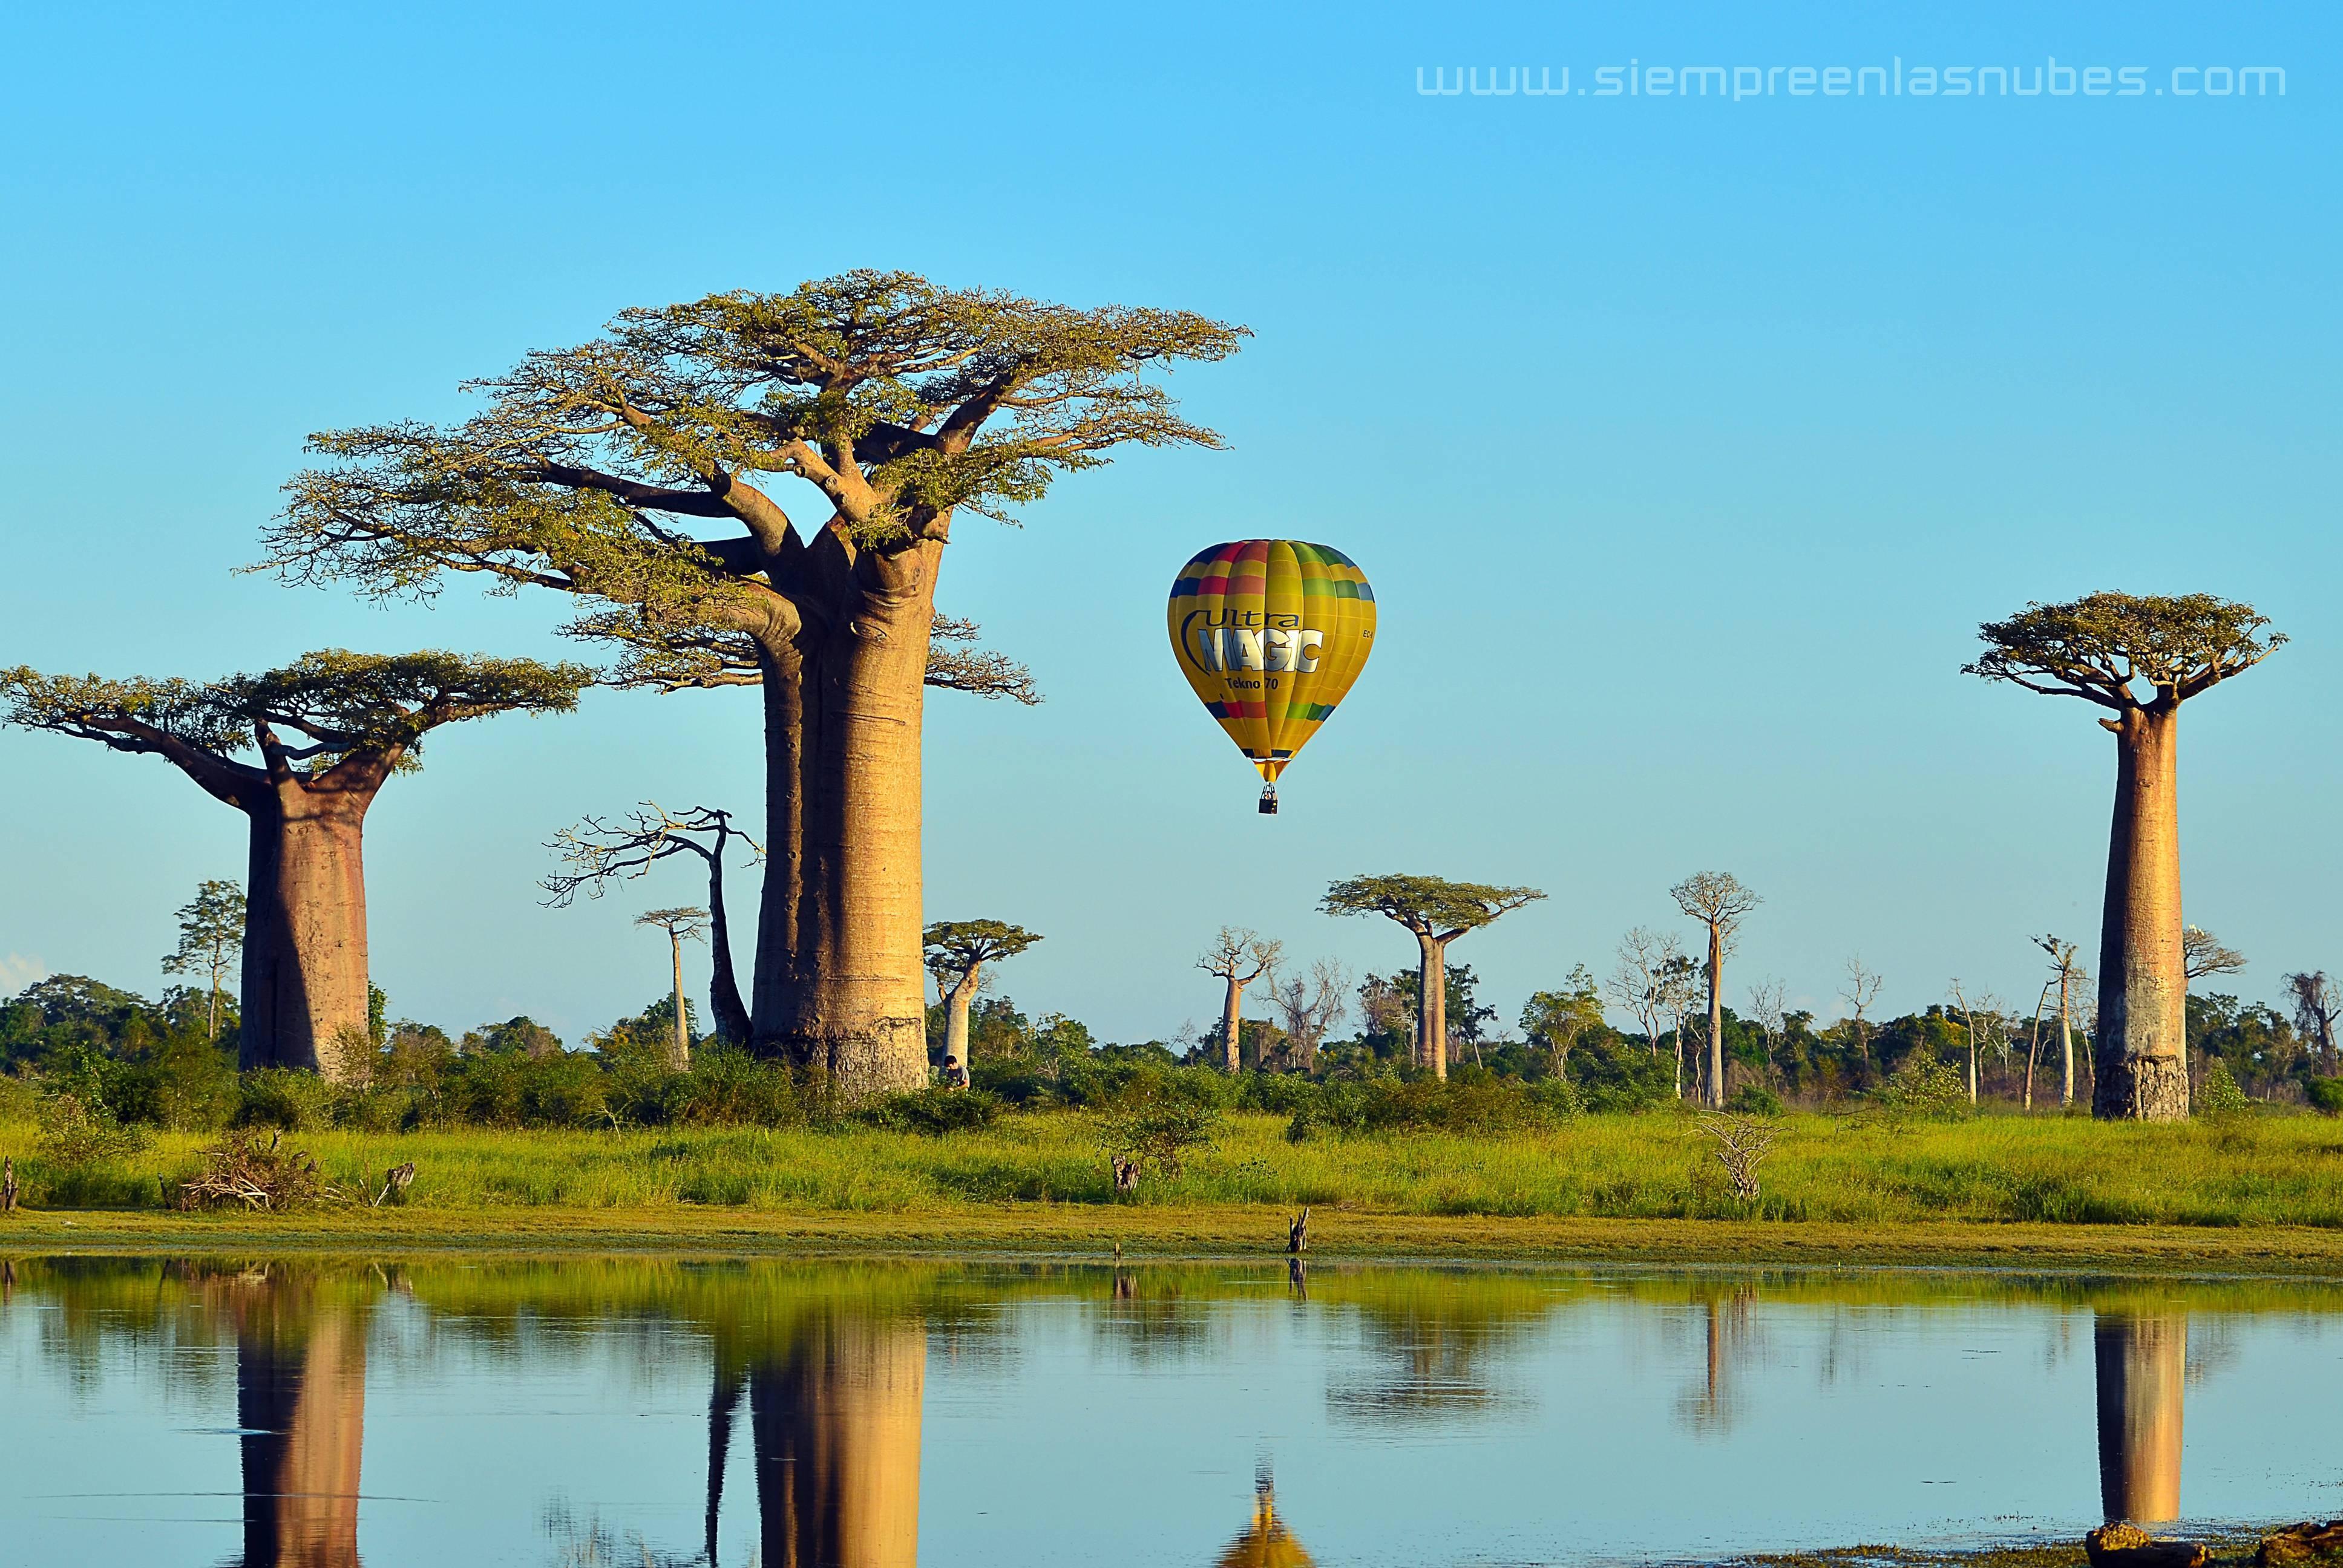 Avenida de los Baobabs, Morondava, Madagascar